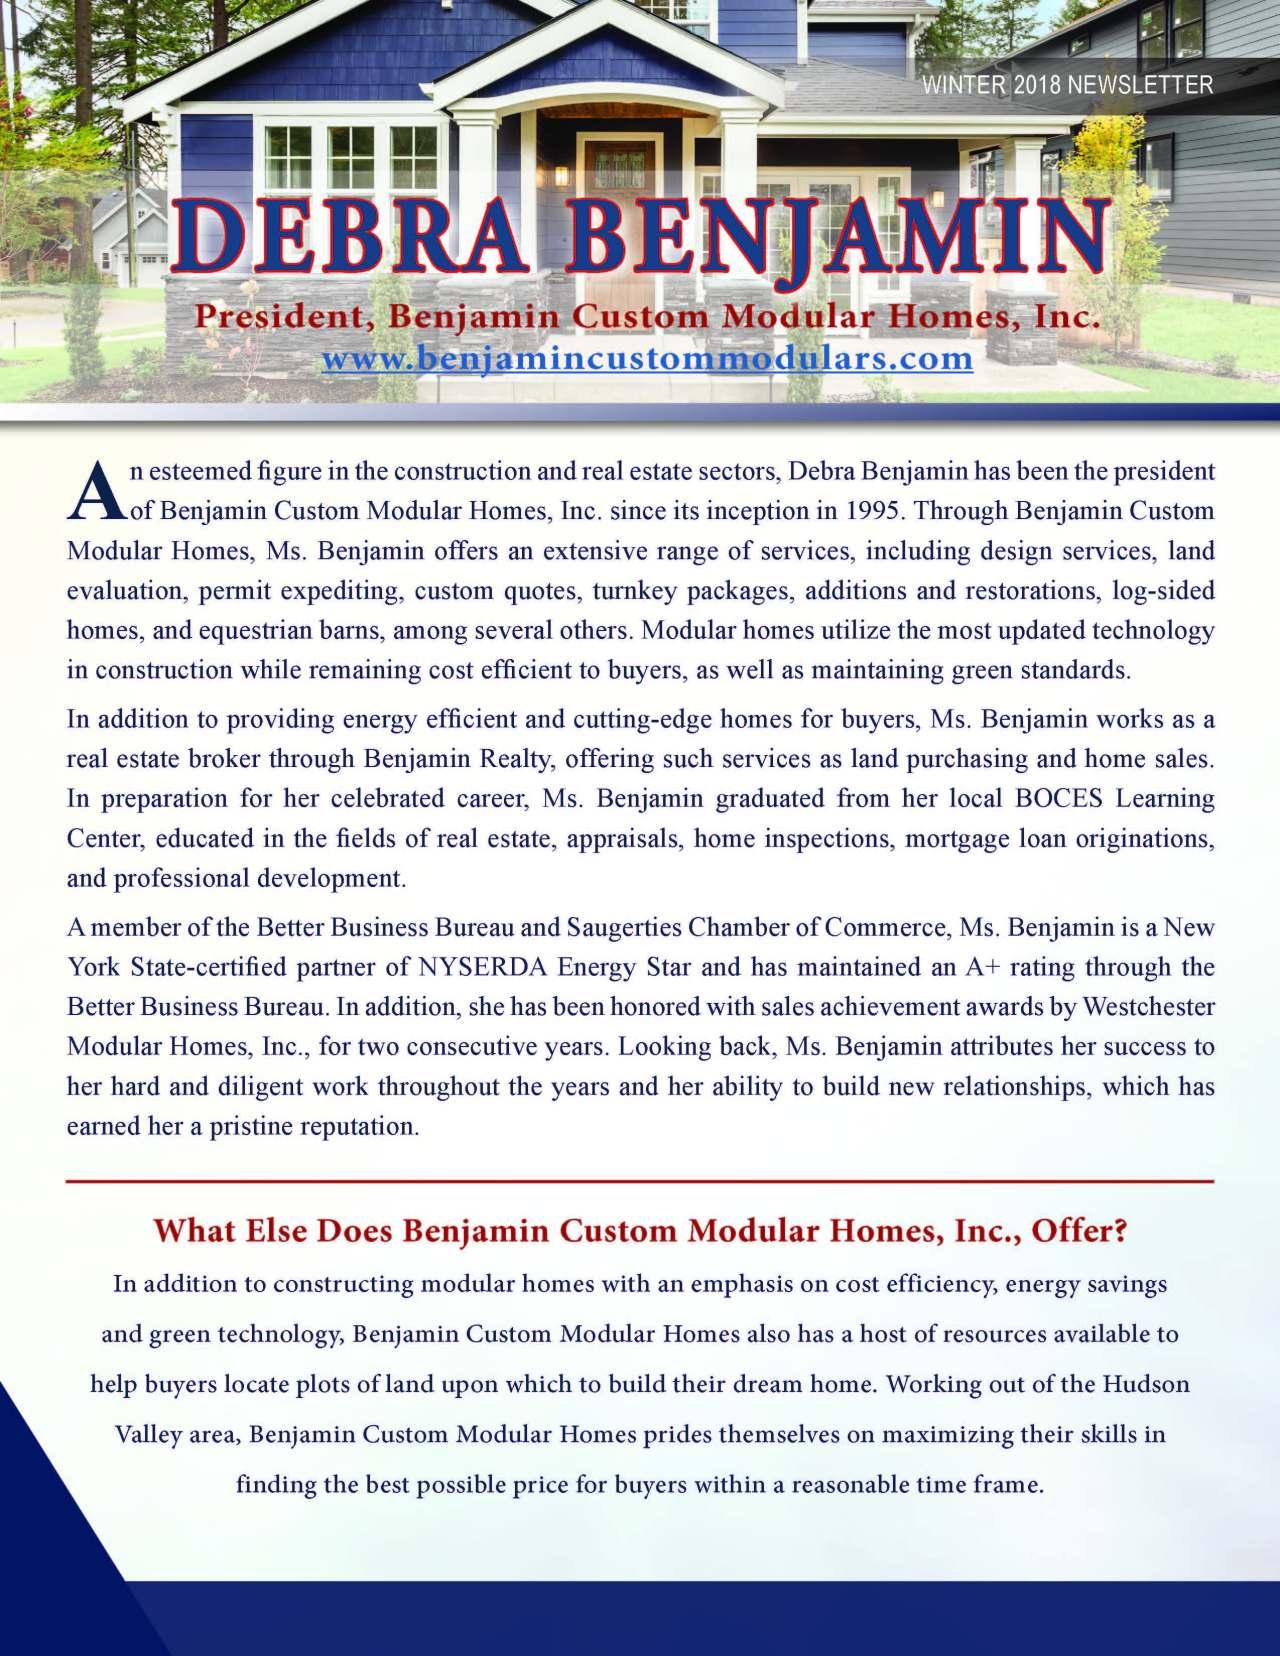 Benjamin, Debra 3677349_4003677349 Newsletter.jpg